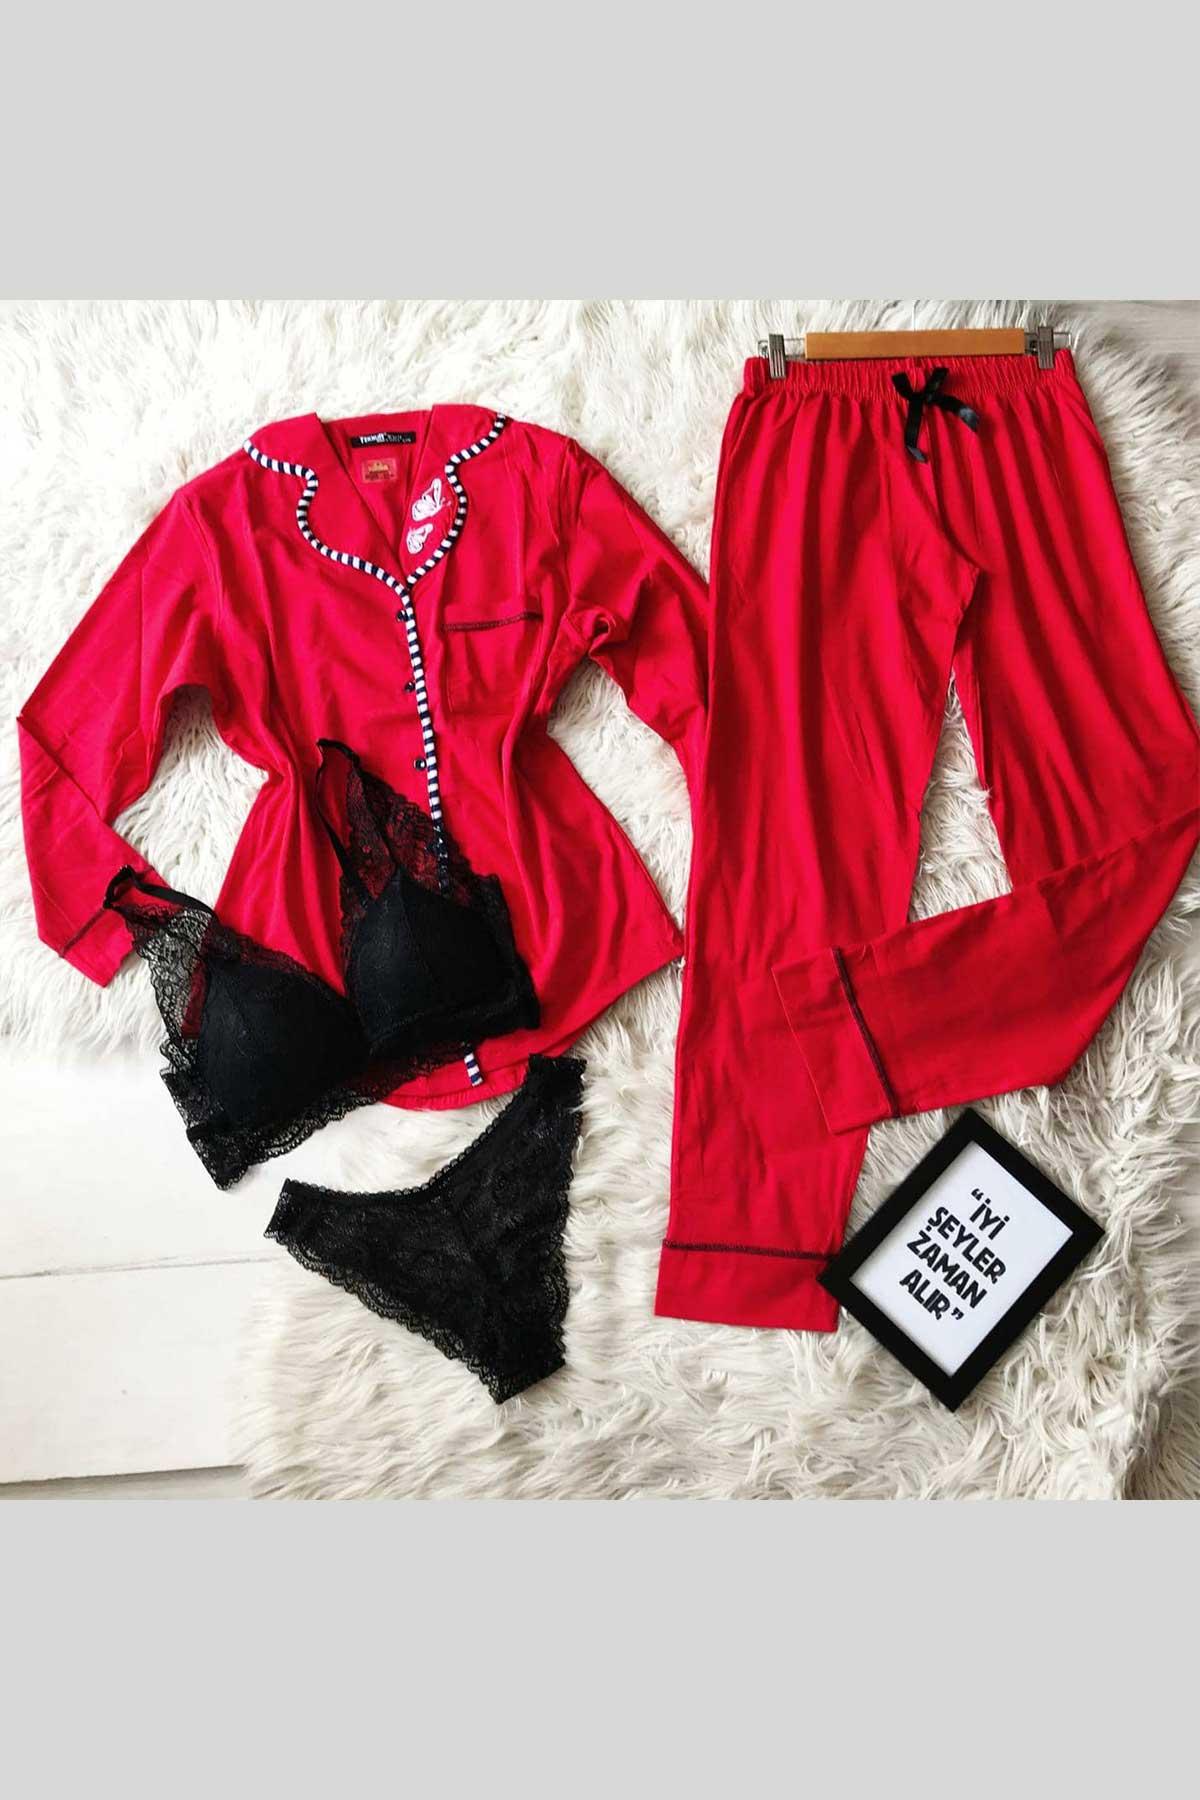 ÇeyizeDairHerşey - Kırmızı uzun kollu önden düğmeli pijama ve sütyen külot takımı